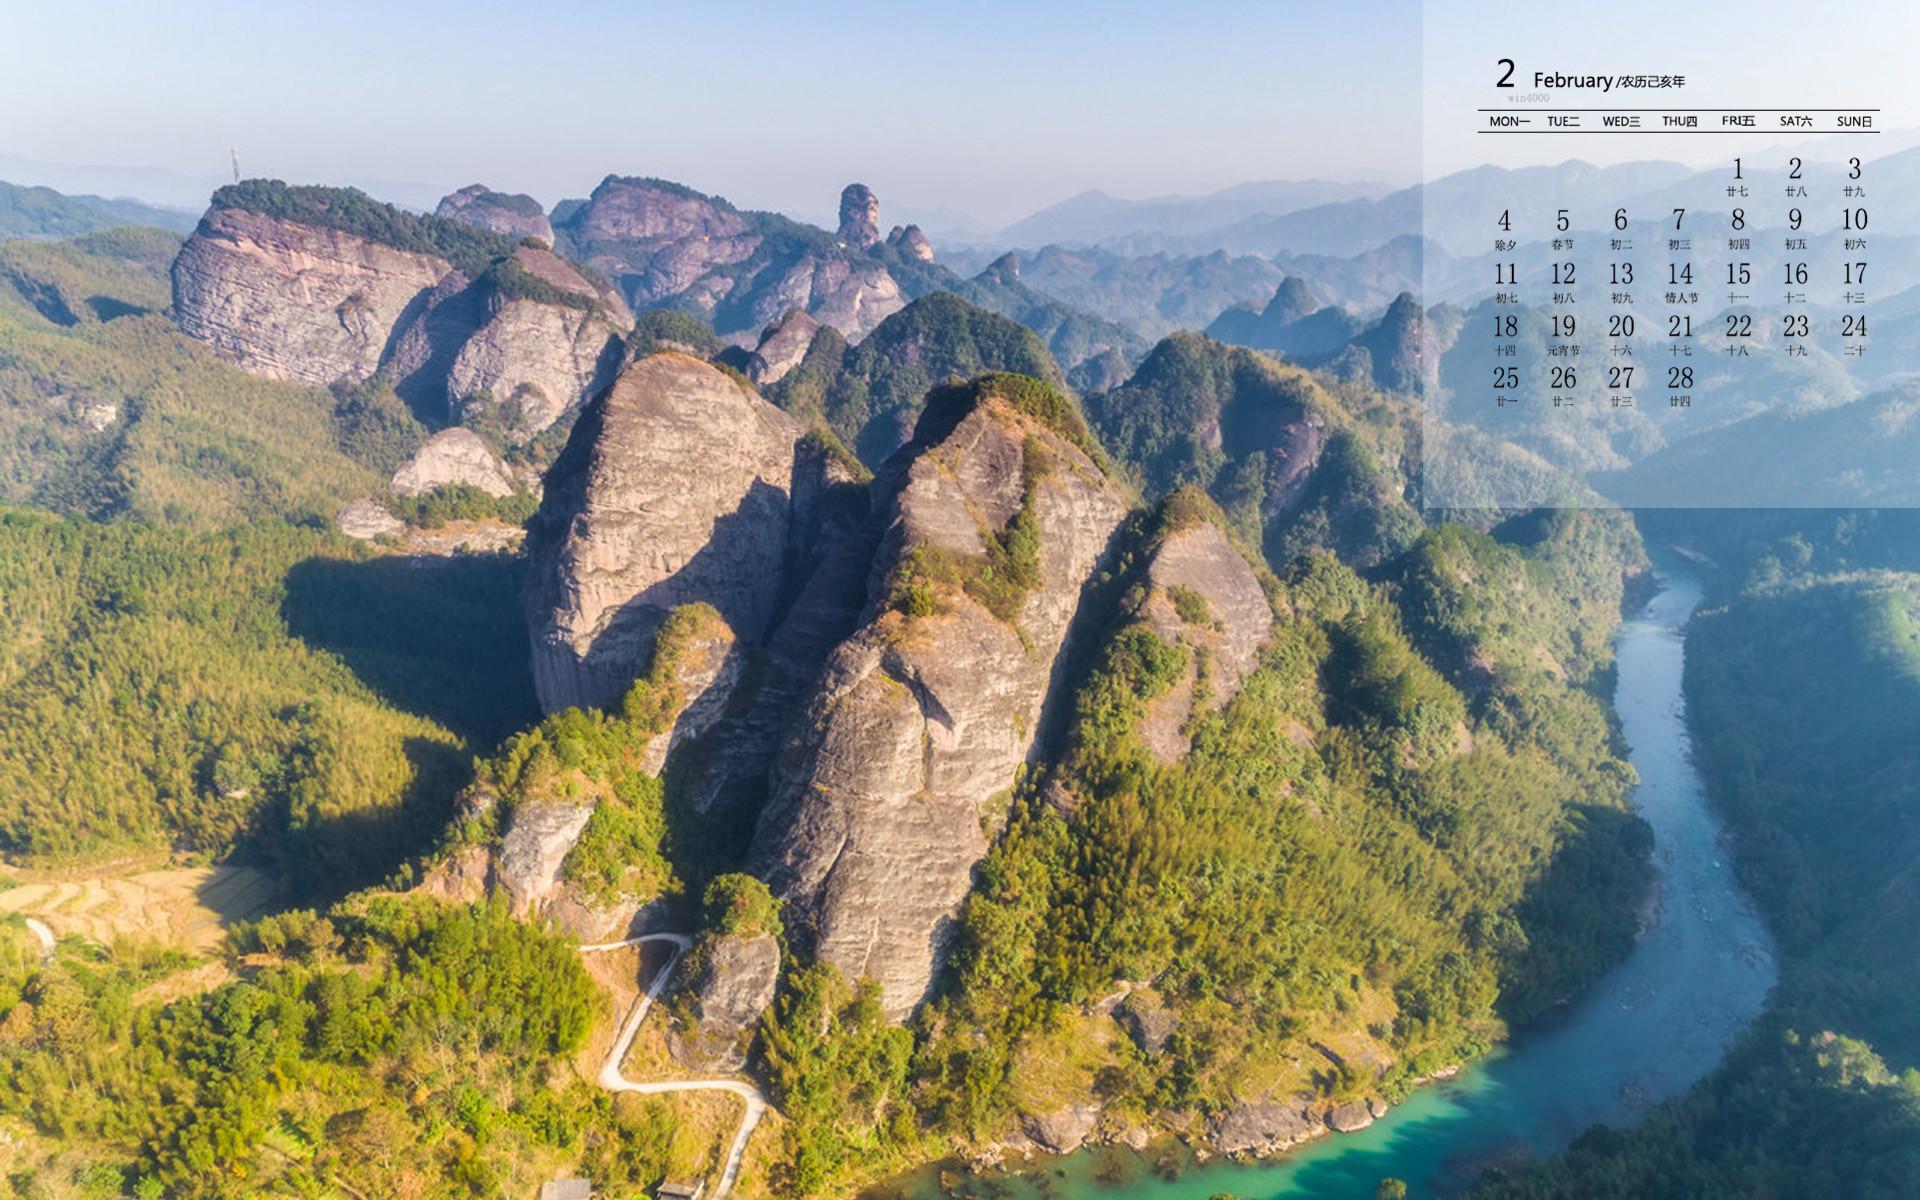 绝美桂林山水风光景色日历壁纸